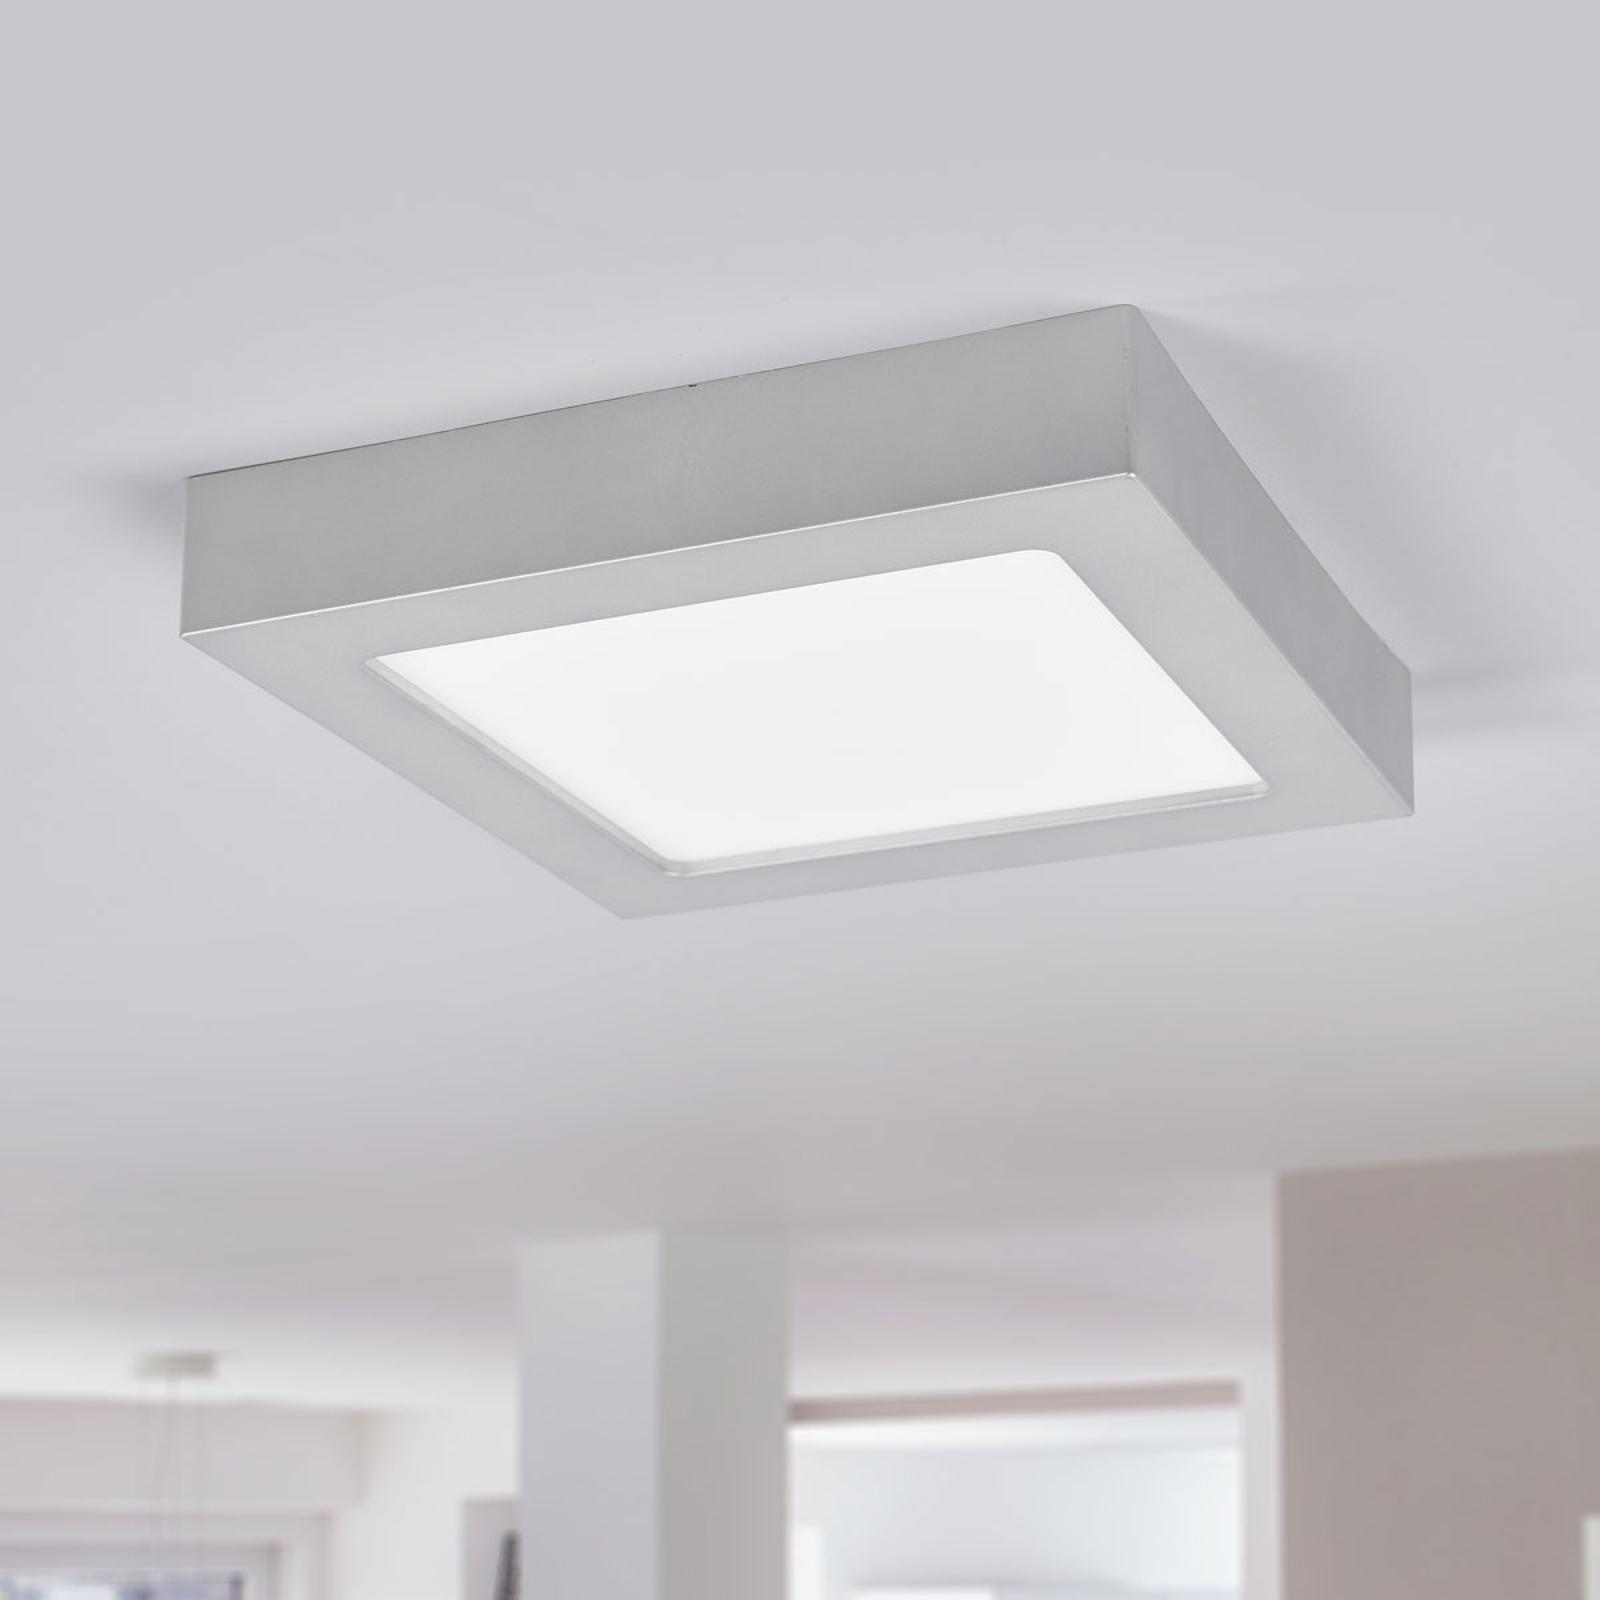 LED-Deckenlampe Marlo silber 3000K eckig 23,1cm